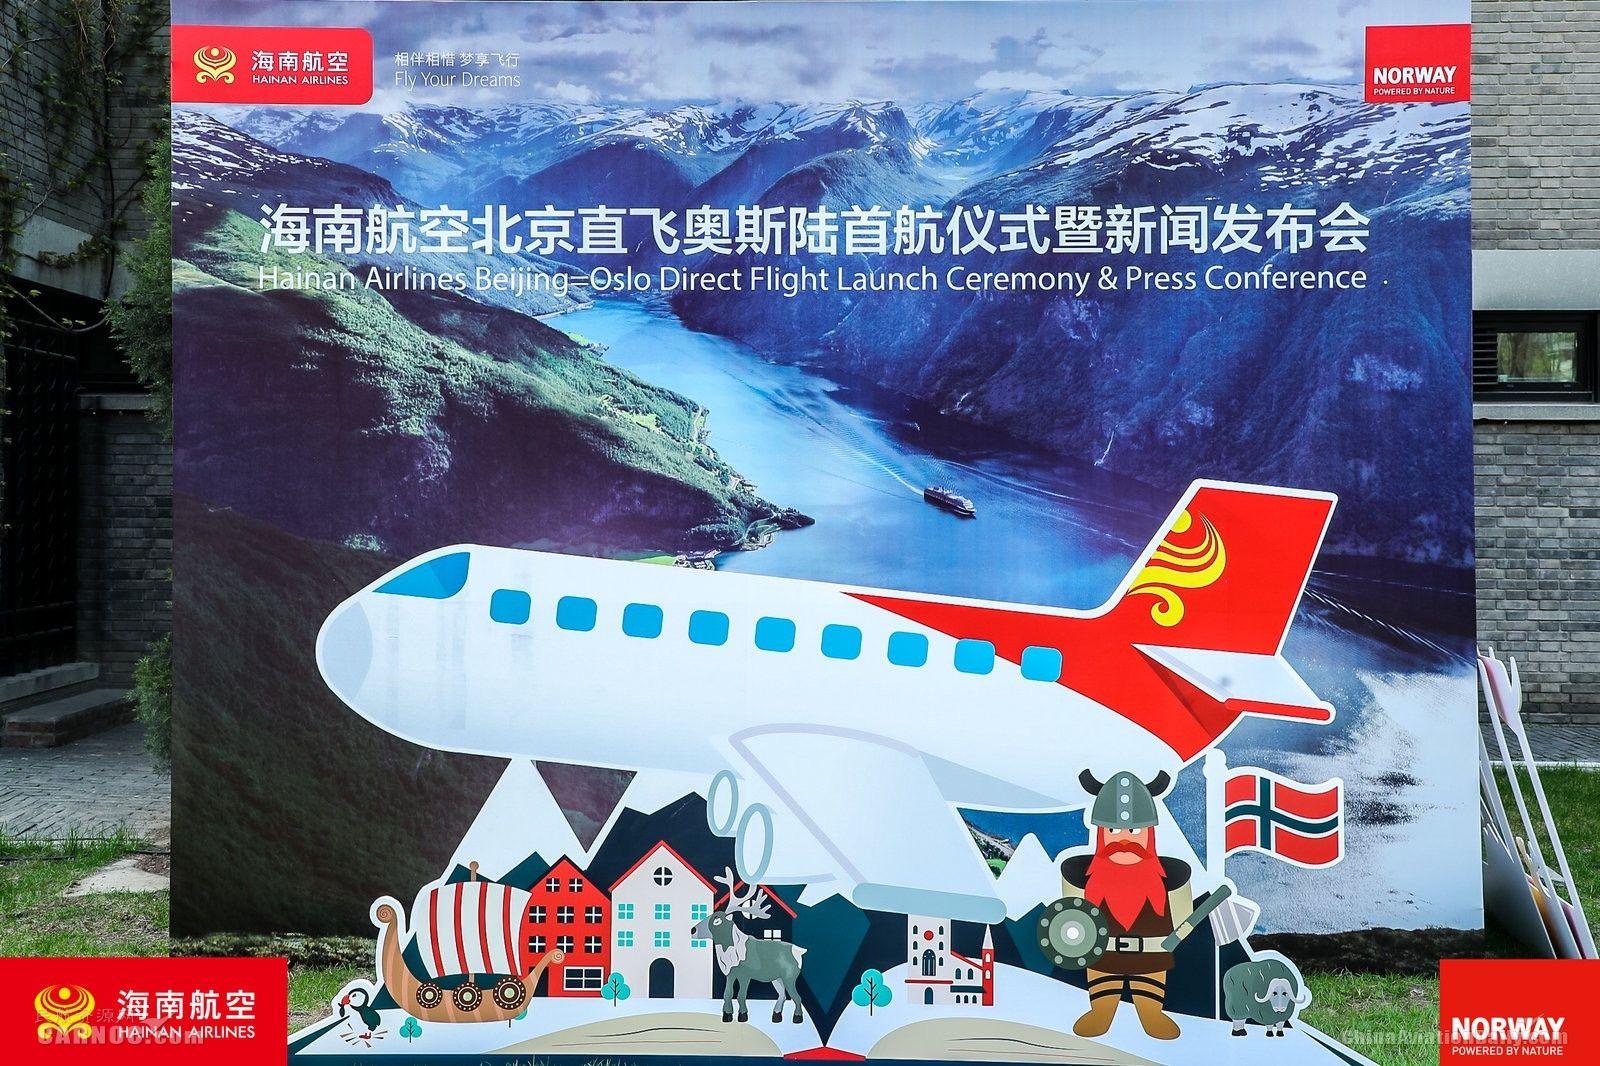 海南航空开通国内首条直飞挪威航线